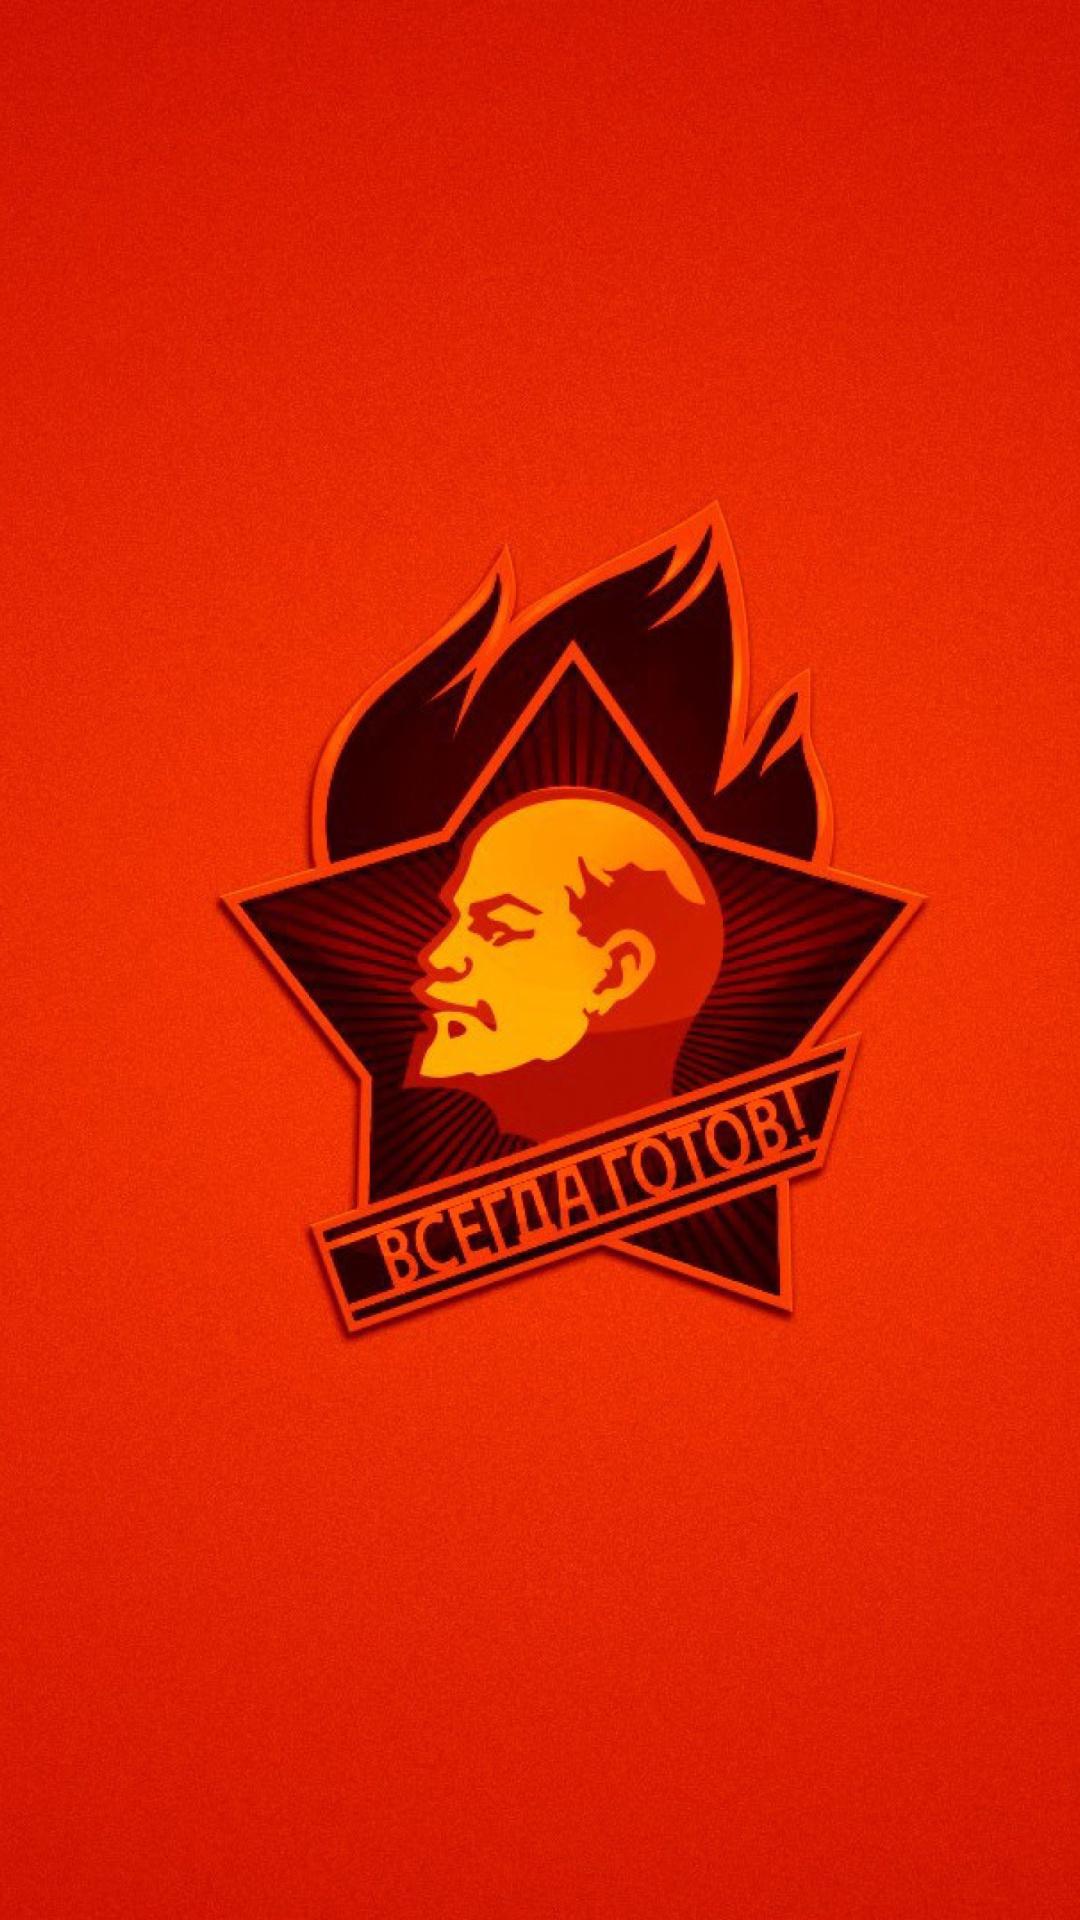 Ссср картинки на телефон, советские